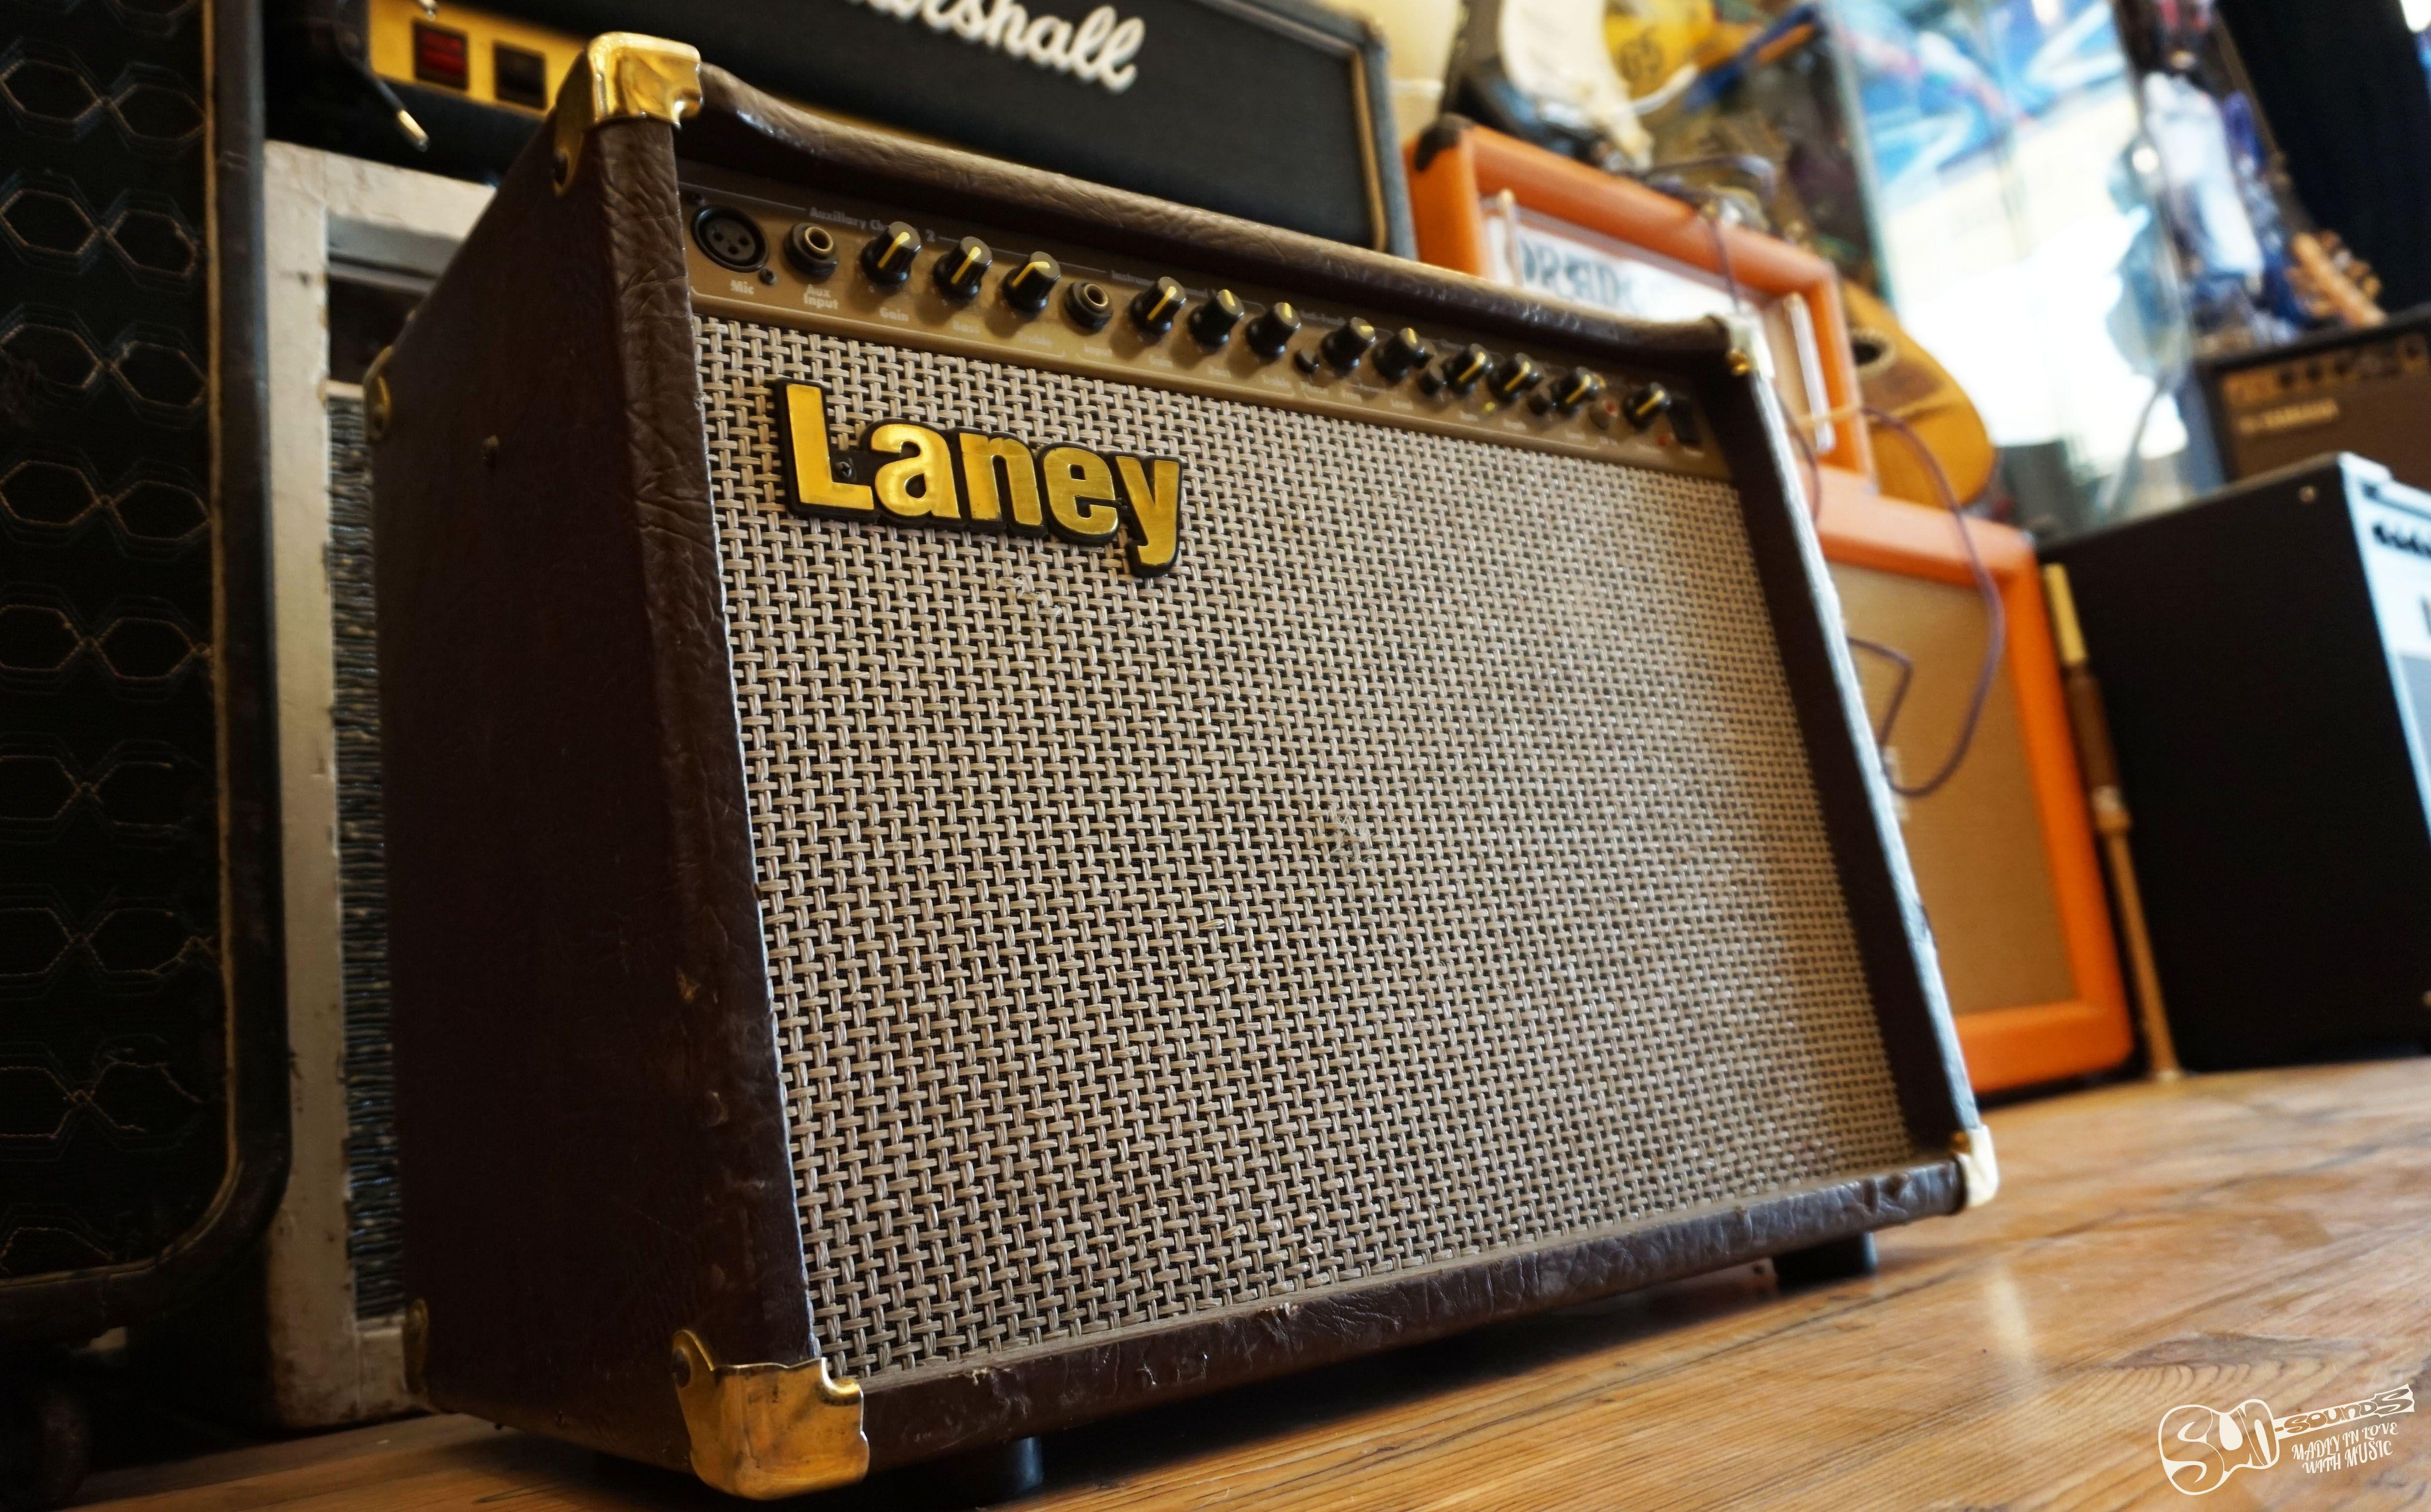 Laney La65c Acoustic Amplifier The Laney La65 Is A 65 Watt 2 Channel Dedicated Acoustic Guitar Amplifier With Chorus The Co Music Shop Guitar Guitar Lessons